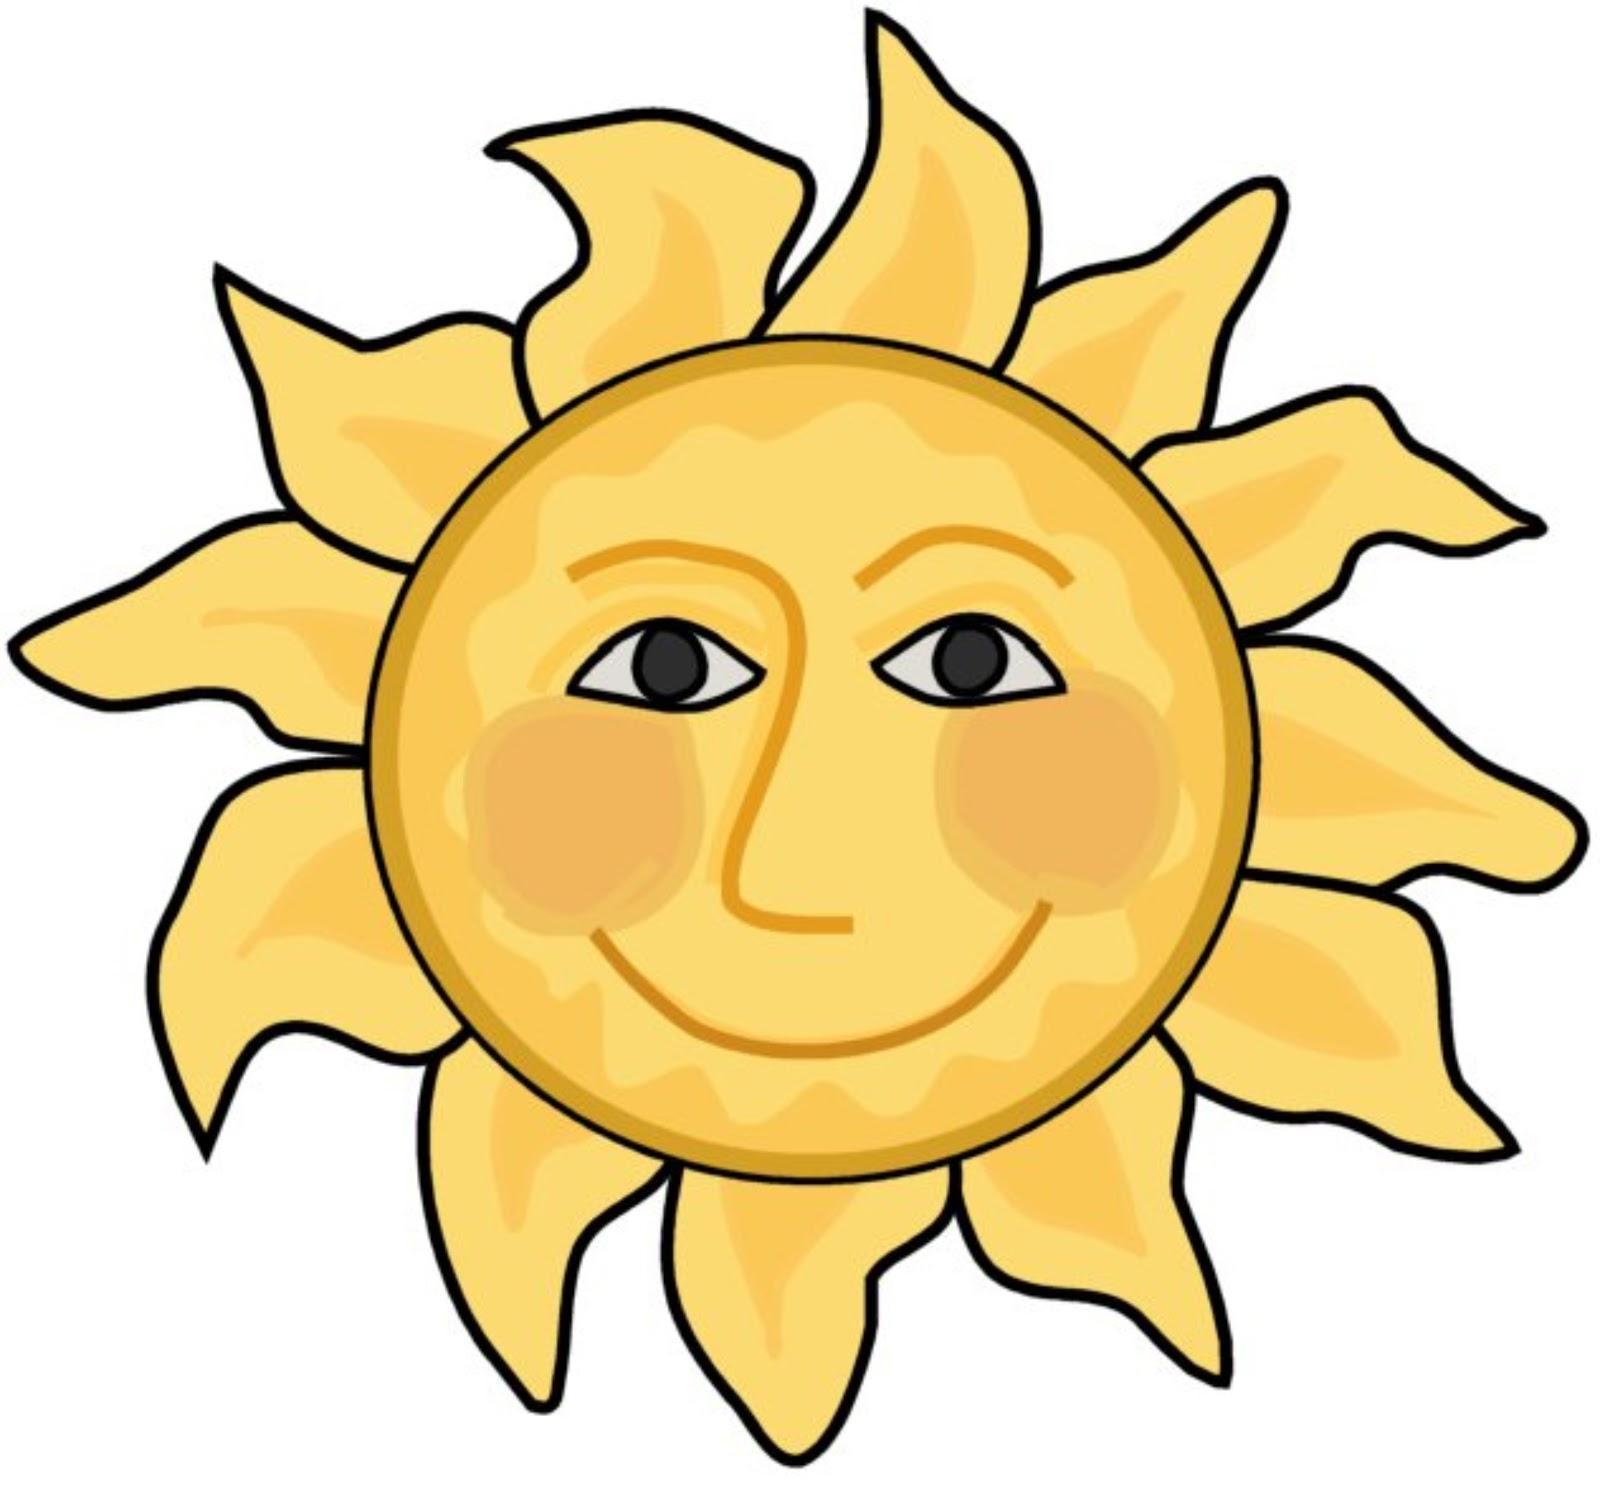 Gambar Matahari Kartun – Samyysandra